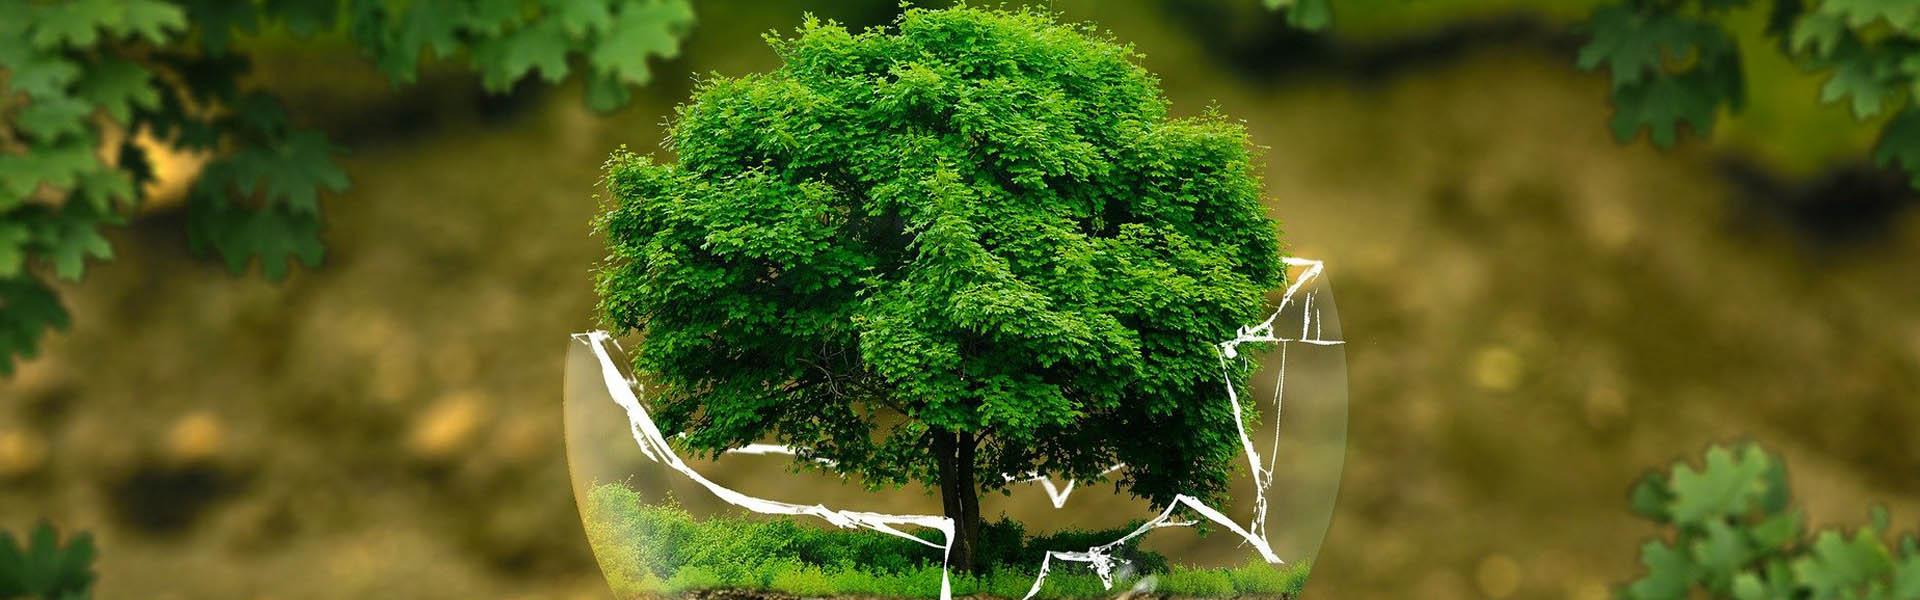 Lones ecològiques per realitzar una campanya impactant